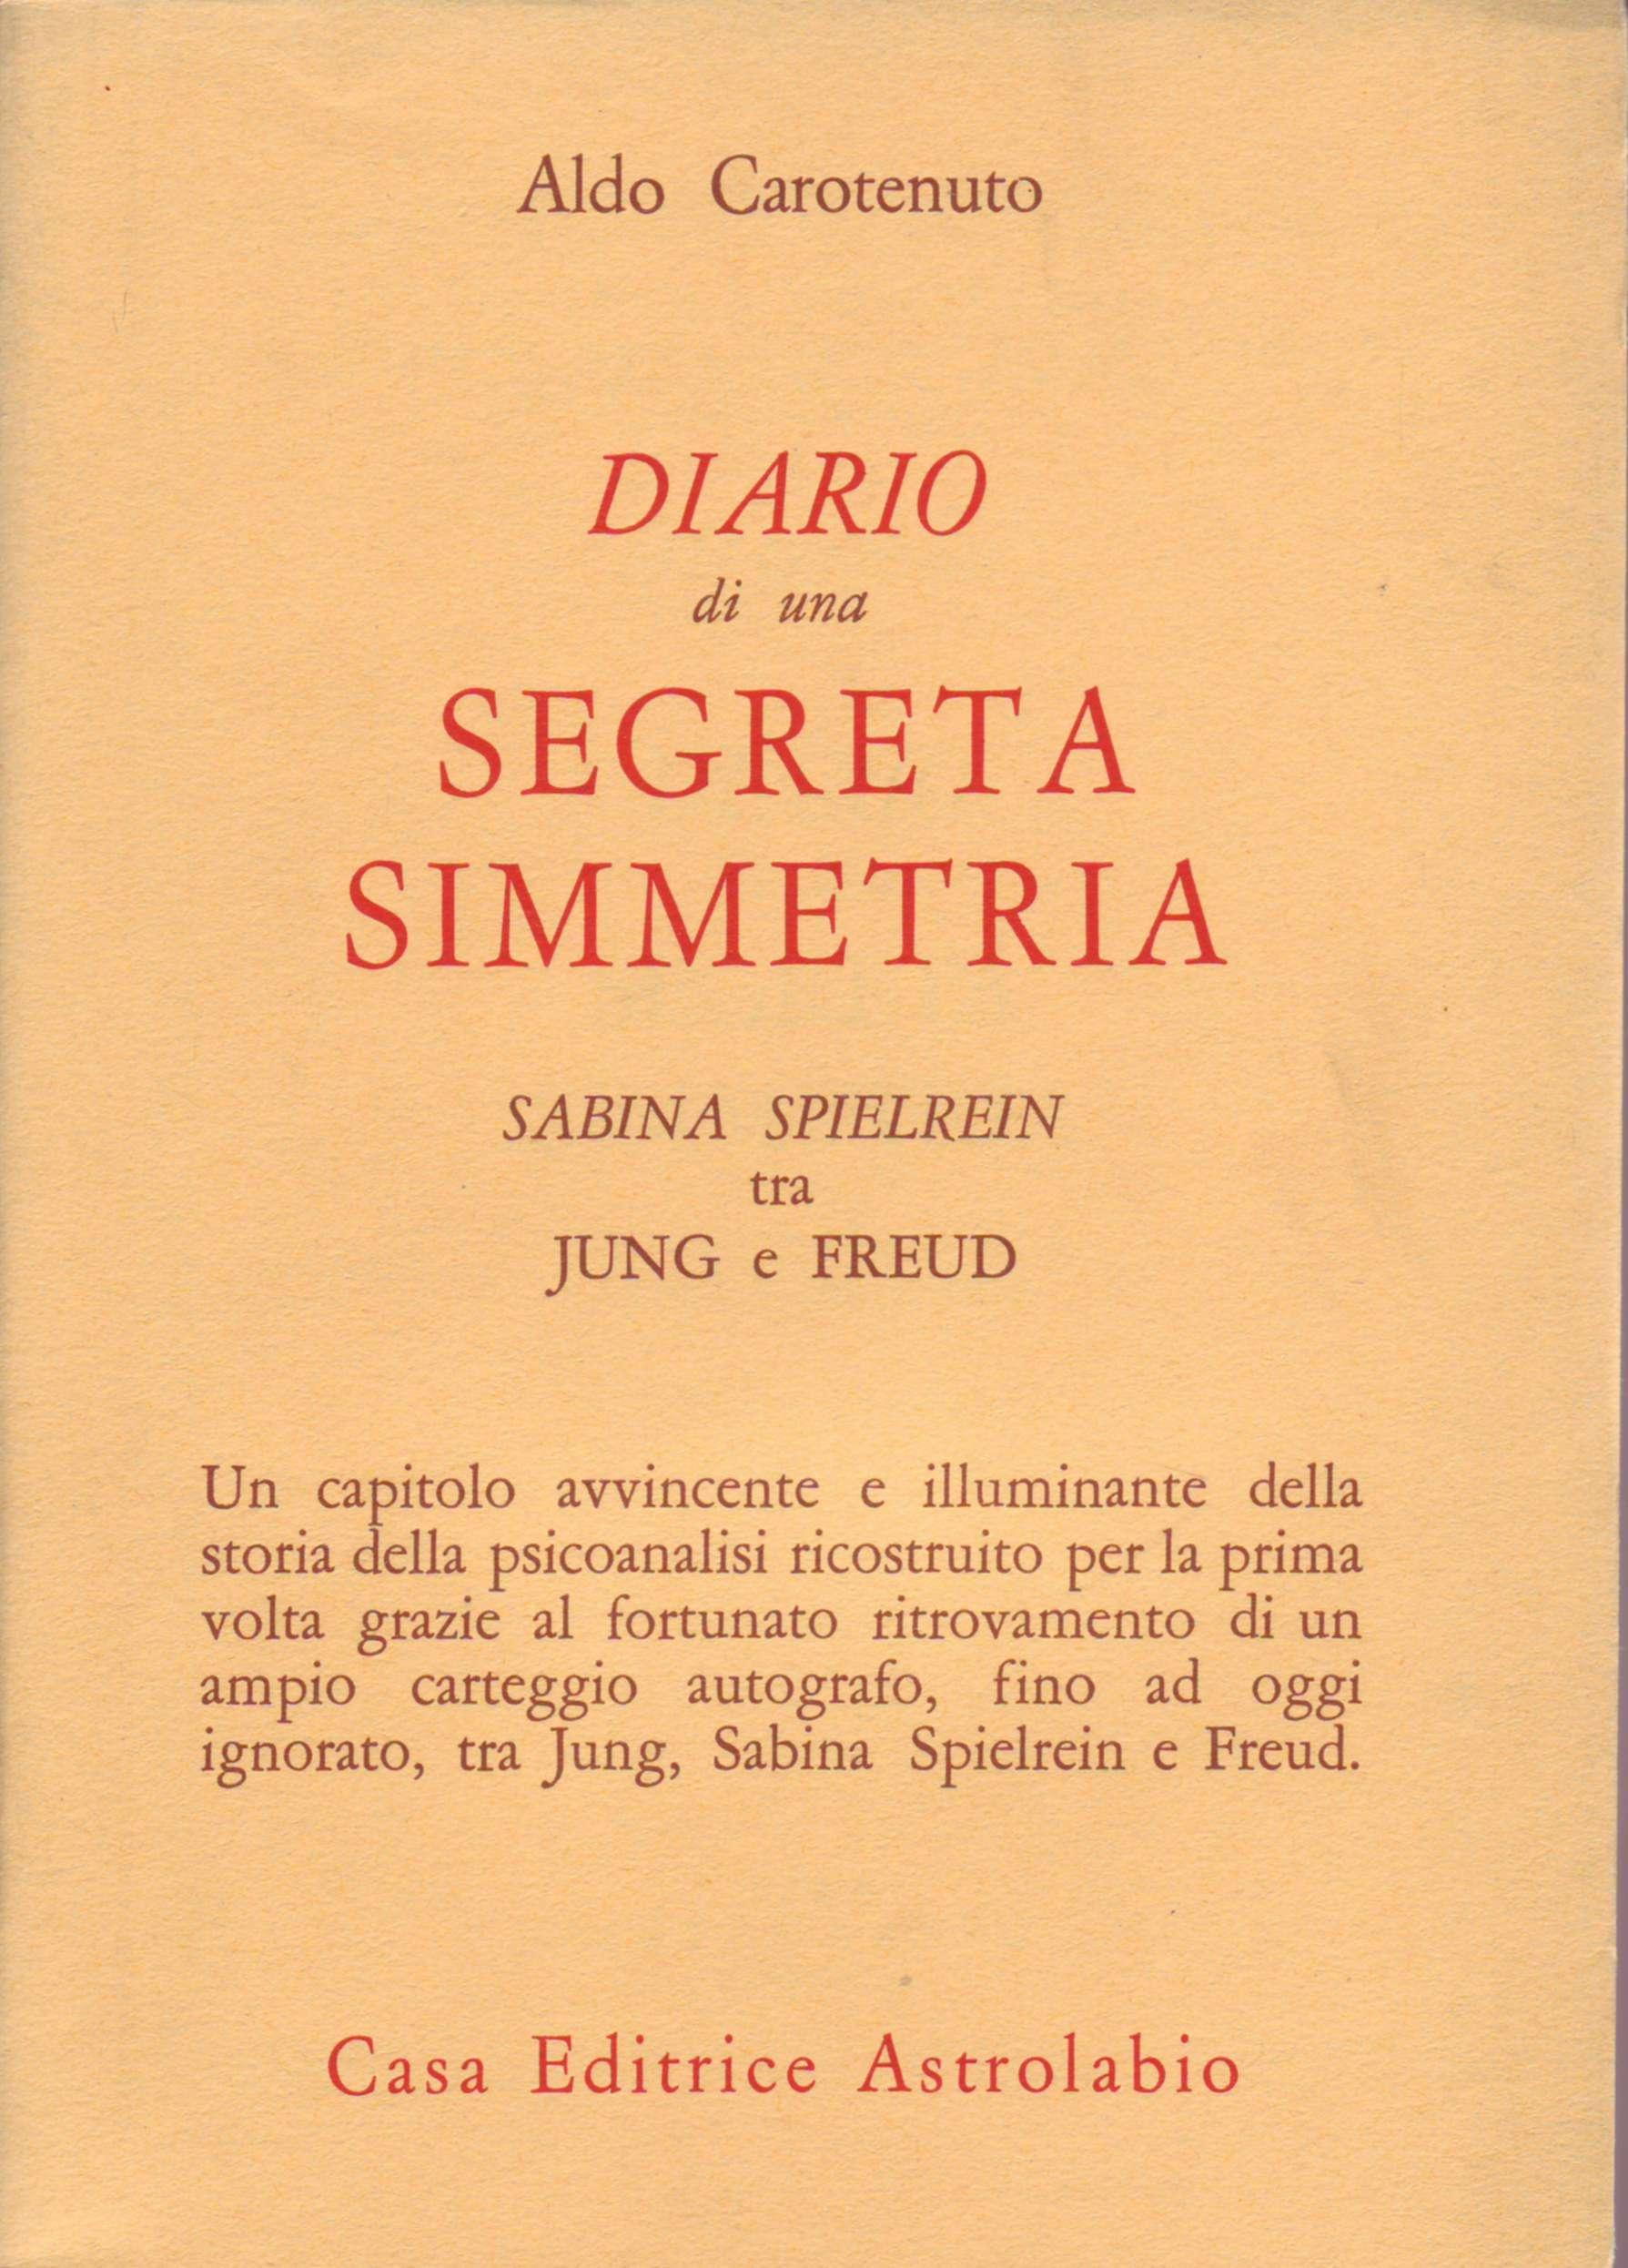 Diario di una segreta simmetria